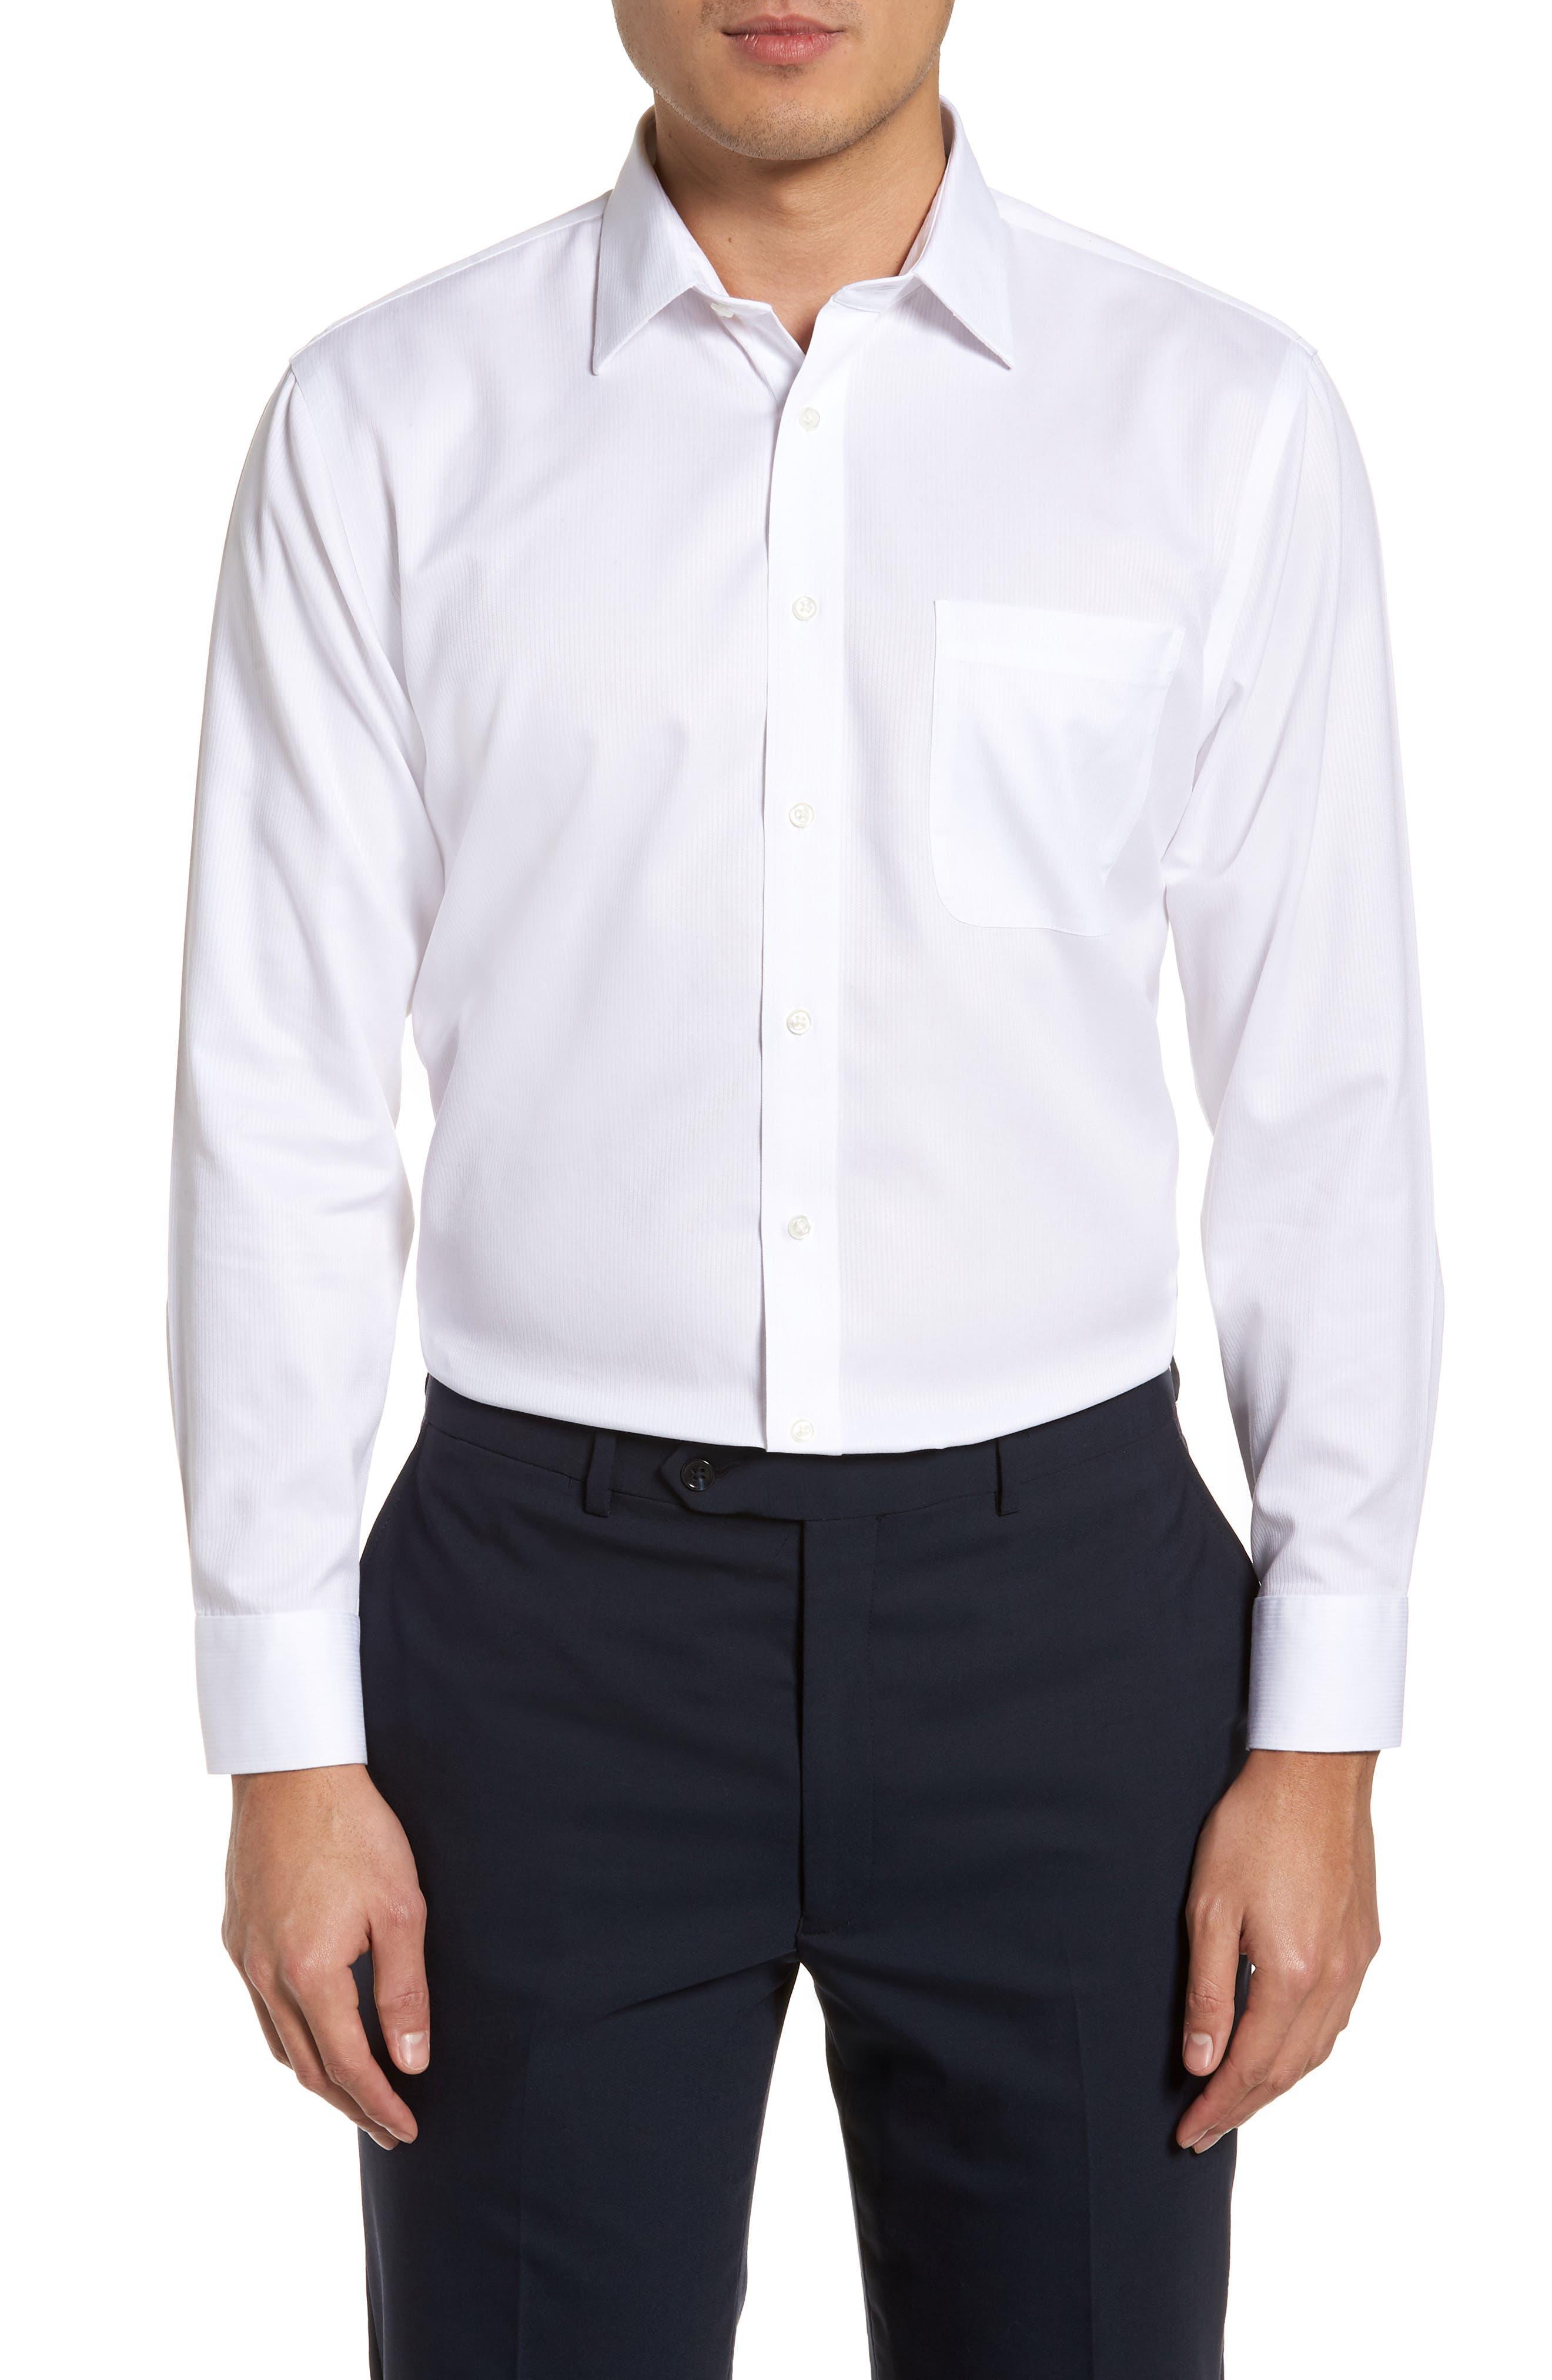 Smartcare<sup>™</sup> Trim Fit Dress Shirt,                         Main,                         color, WHITE